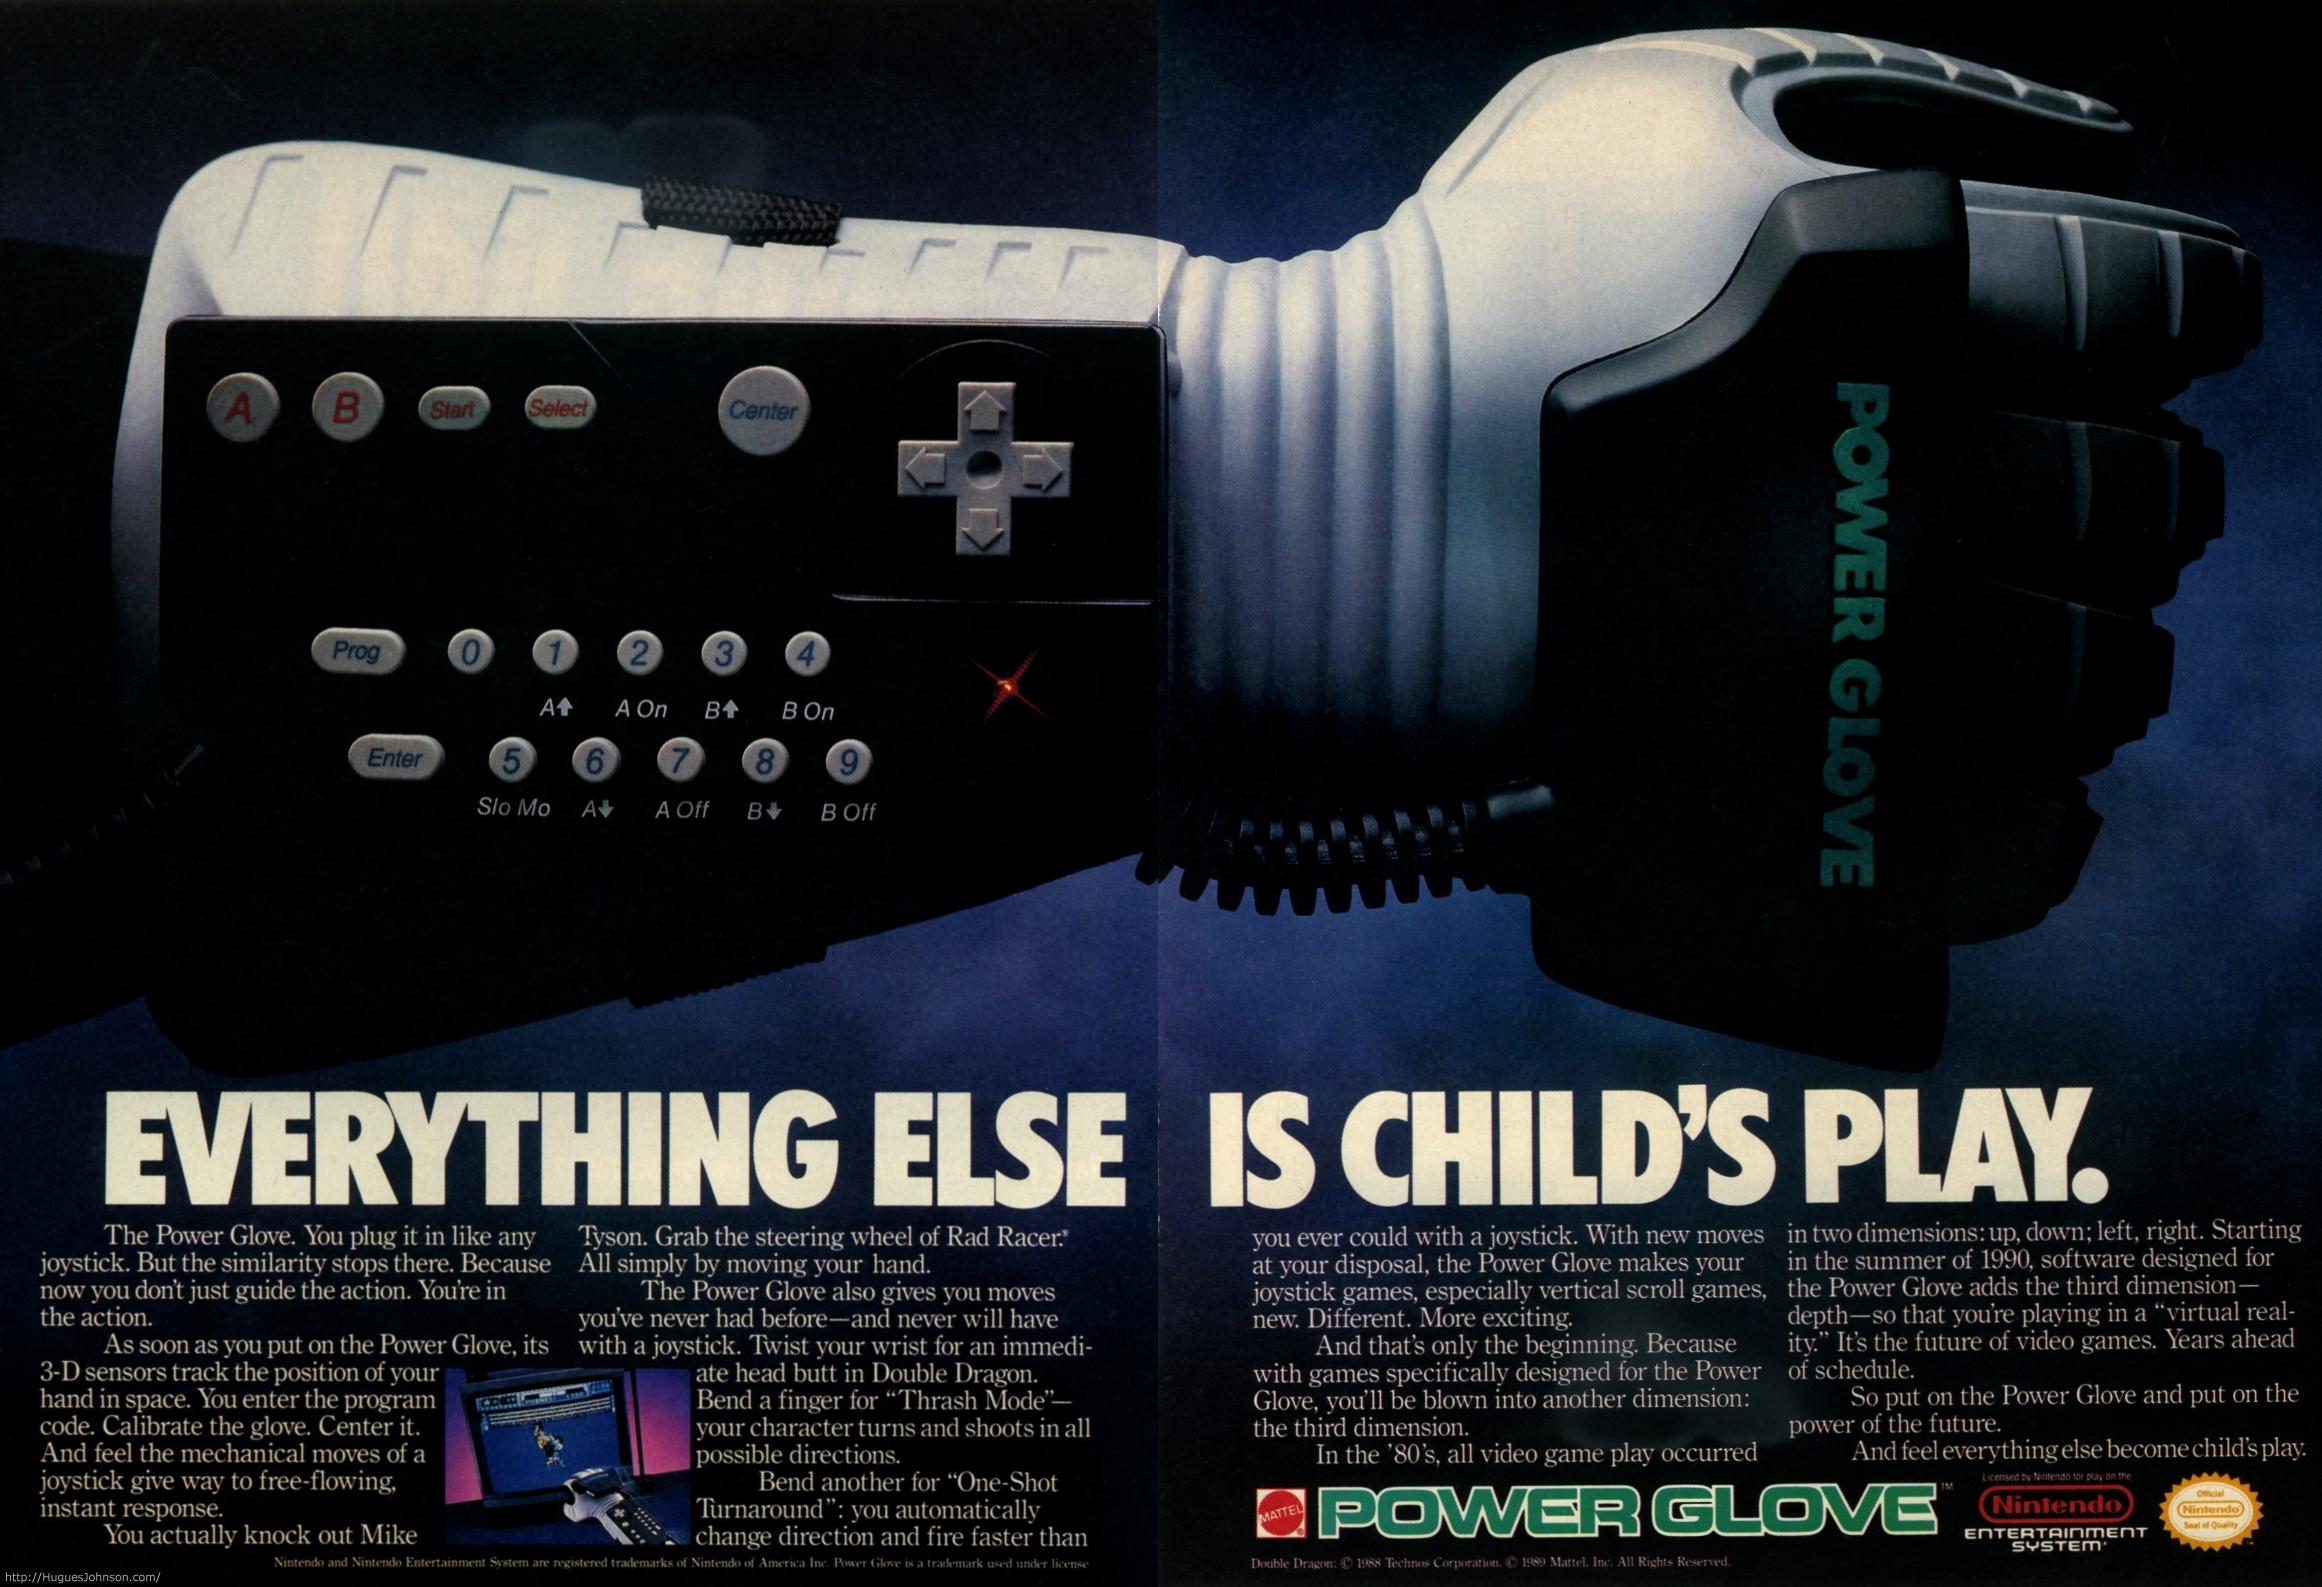 HuguesJohnson.com: Nintendo Ads